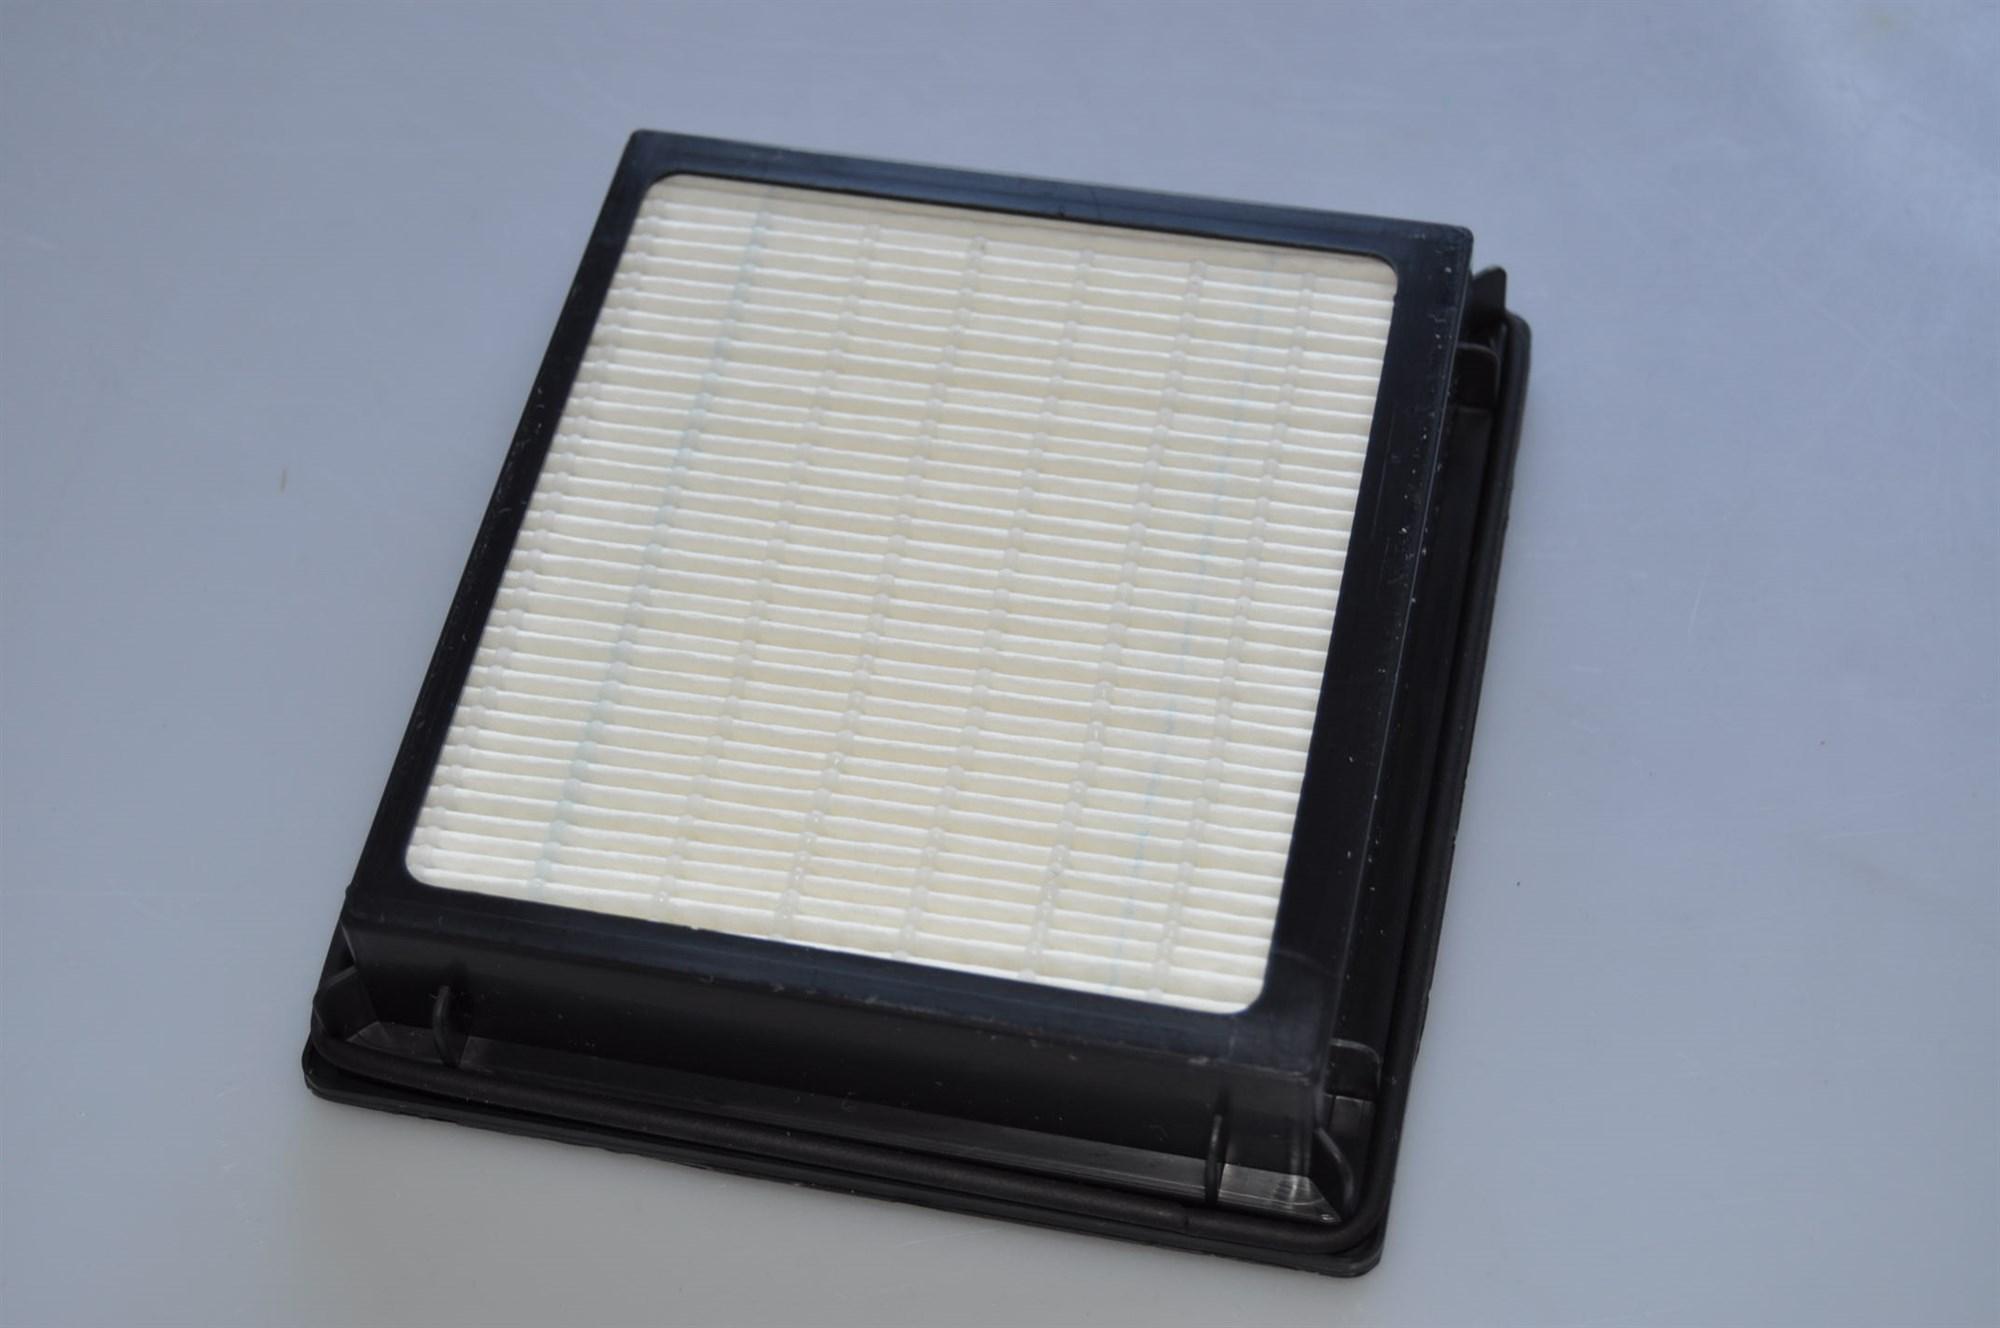 hepa filter nilfisk staubsauger 103 x 111 mm. Black Bedroom Furniture Sets. Home Design Ideas